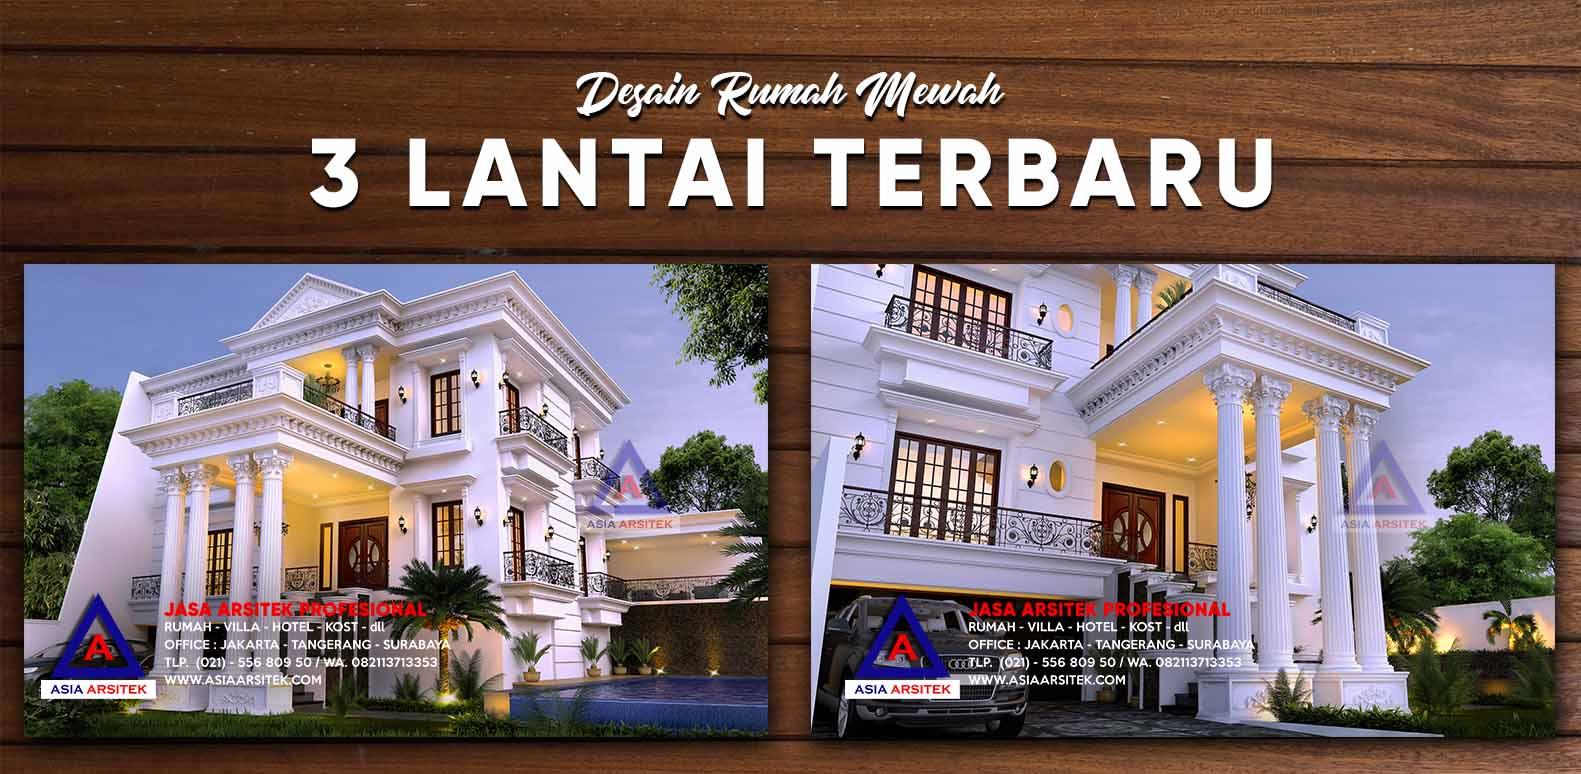 Desain Rumah Mewah 3 Lantai Panjang 23 M X Lebar 25 Terbaru